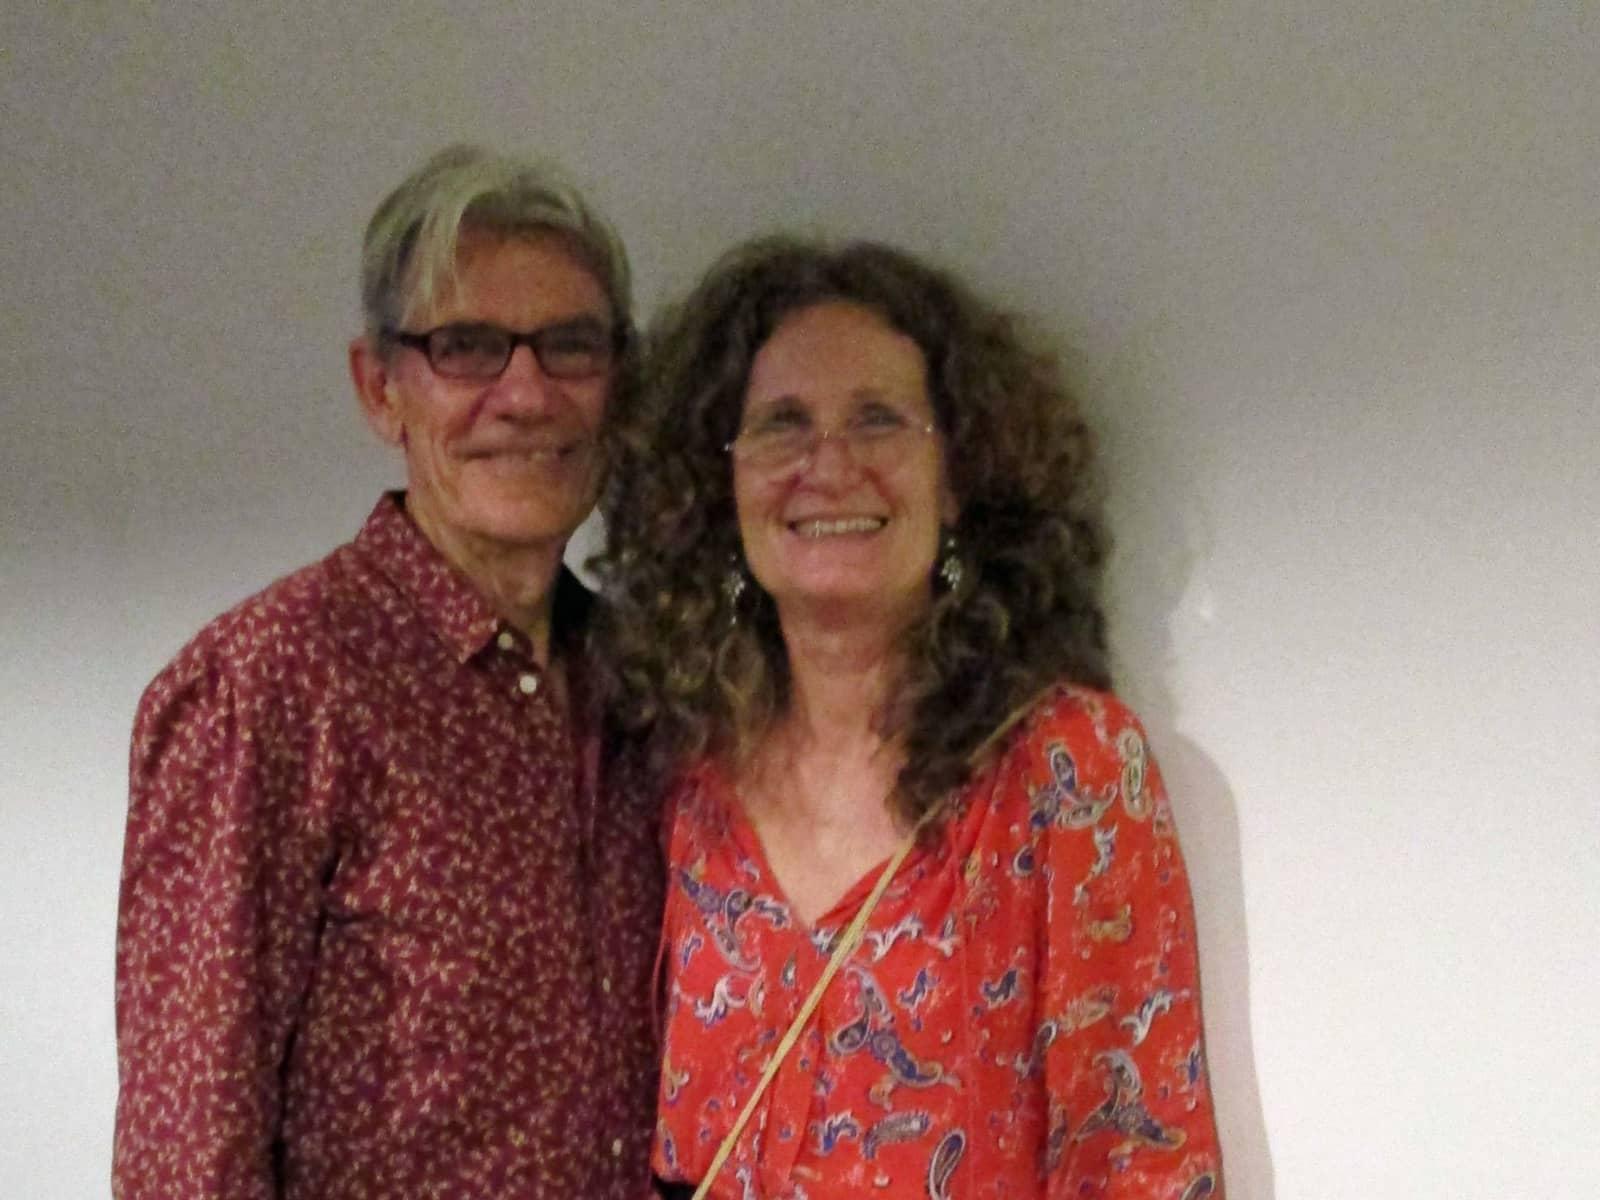 Kim & Ron from Fremantle, Western Australia, Australia